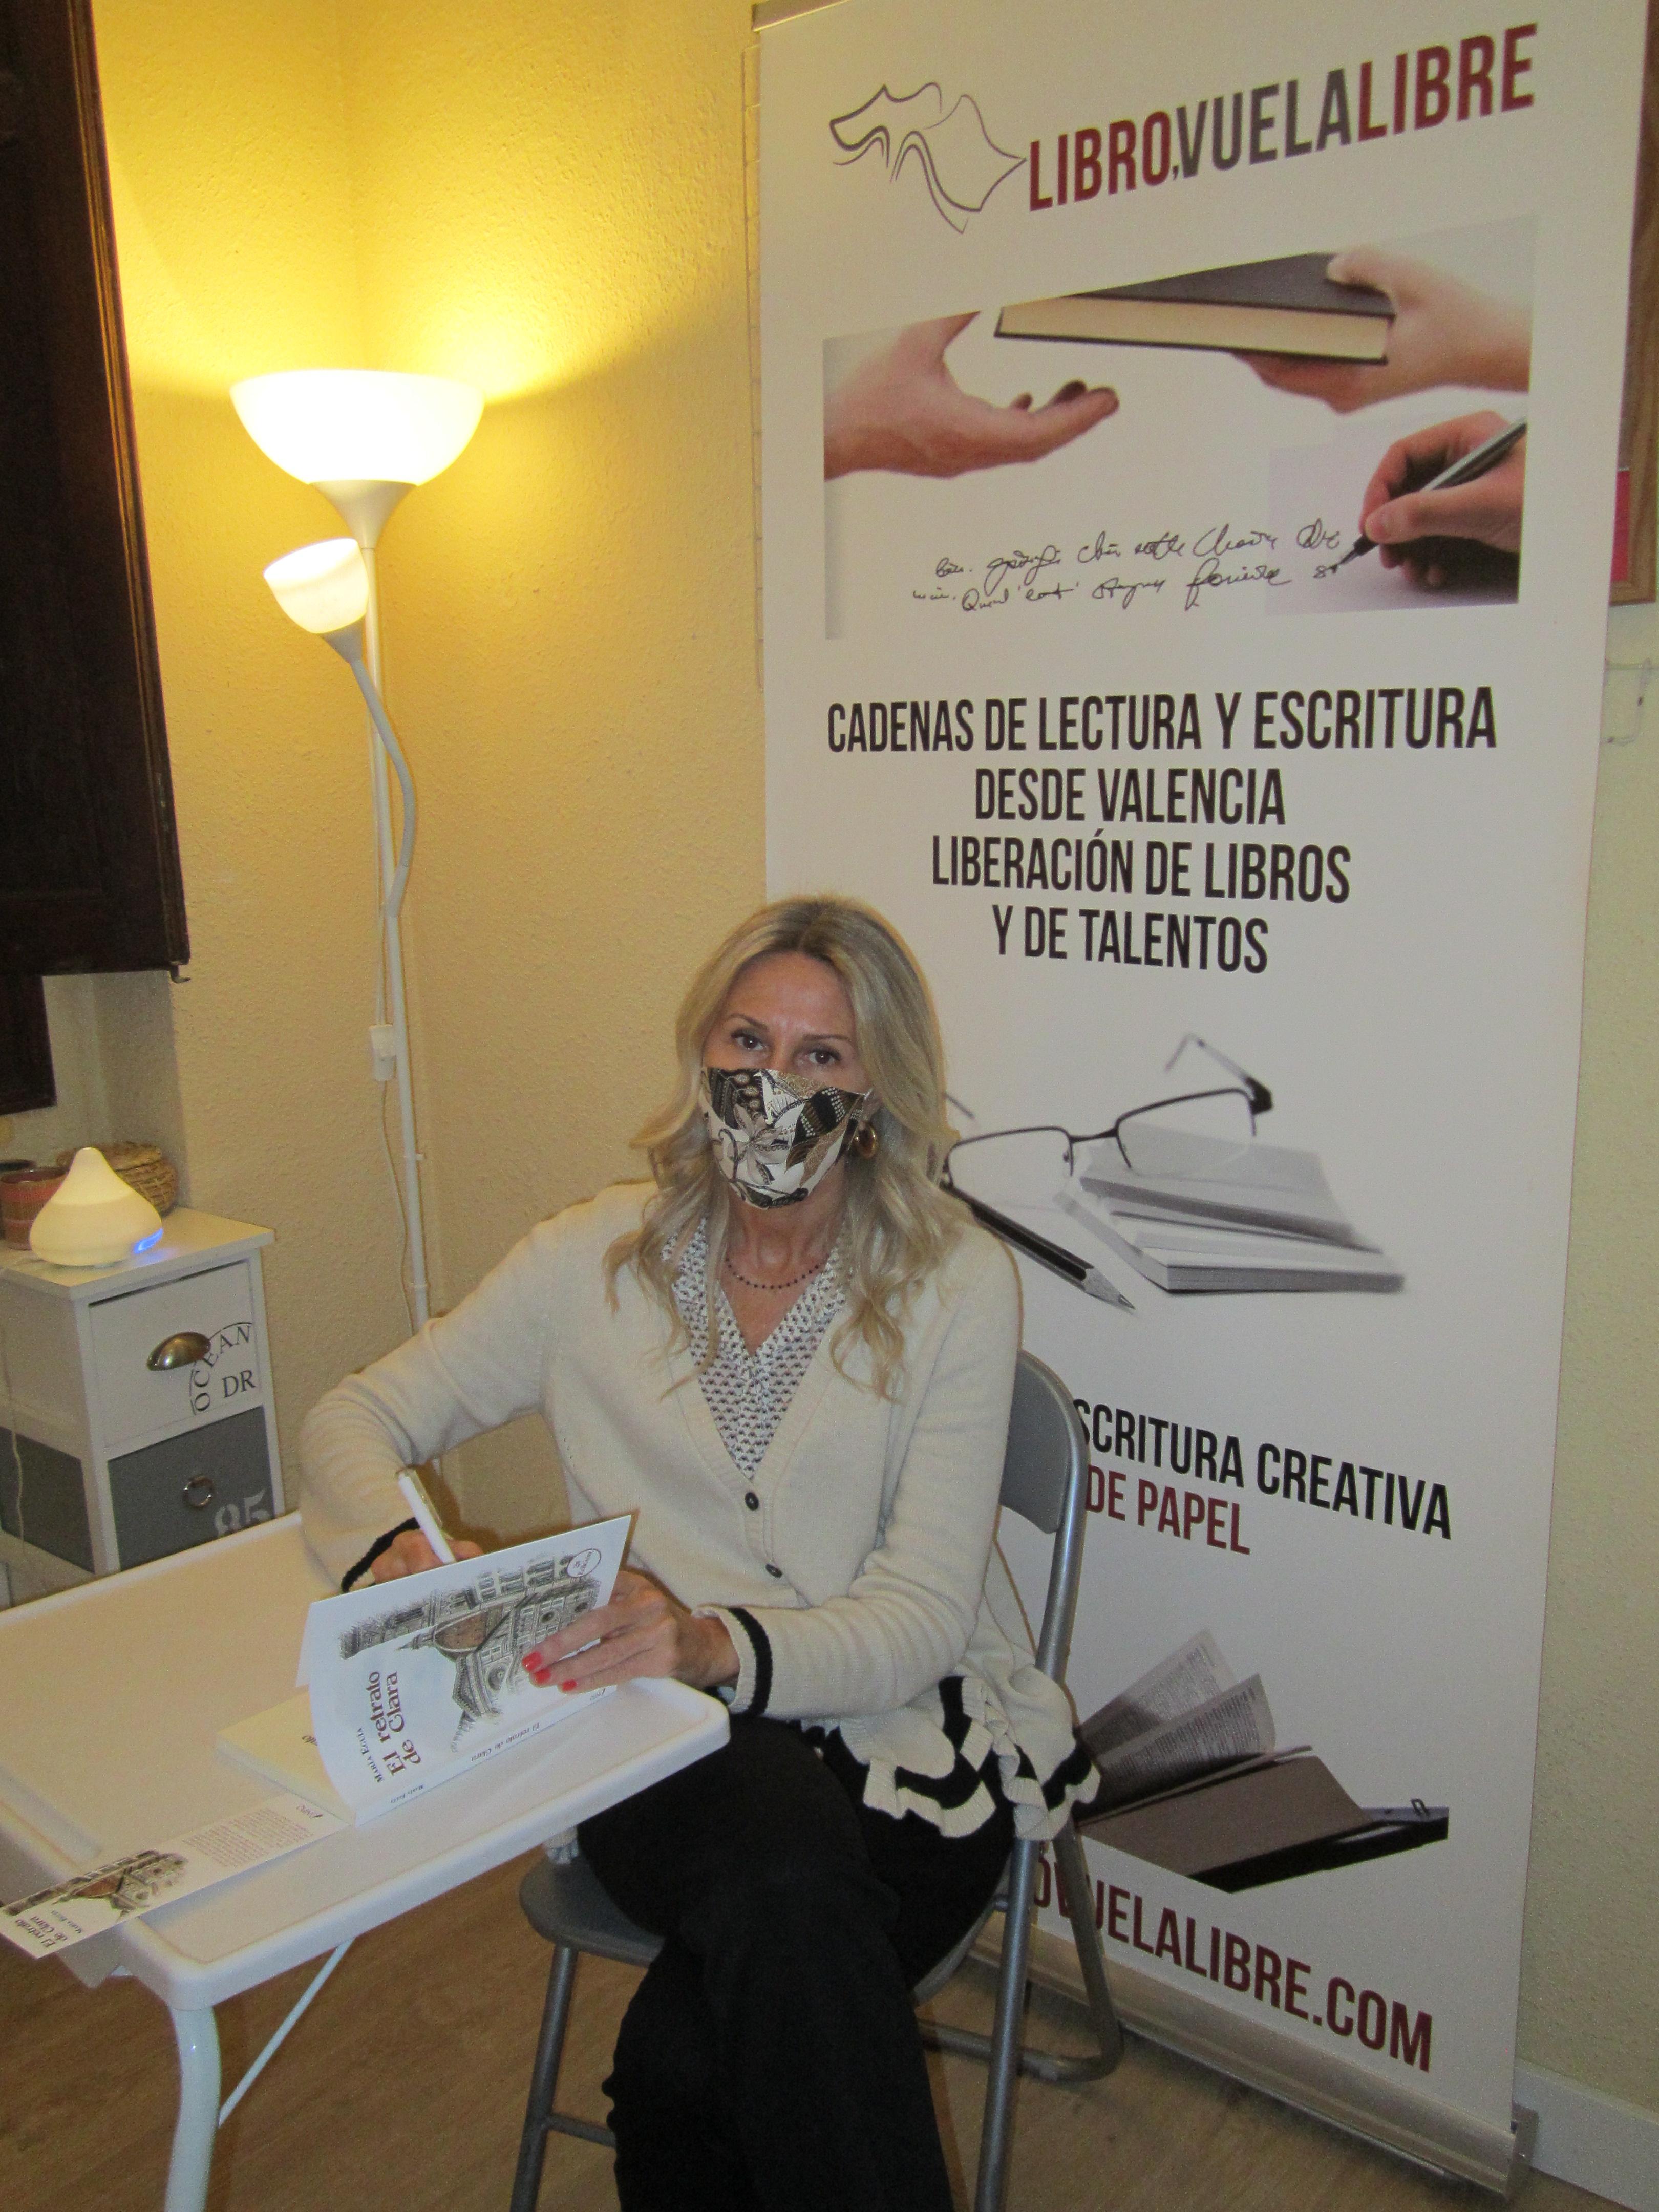 María Eguía en la biblioteca de talentos de Libro vuela libre